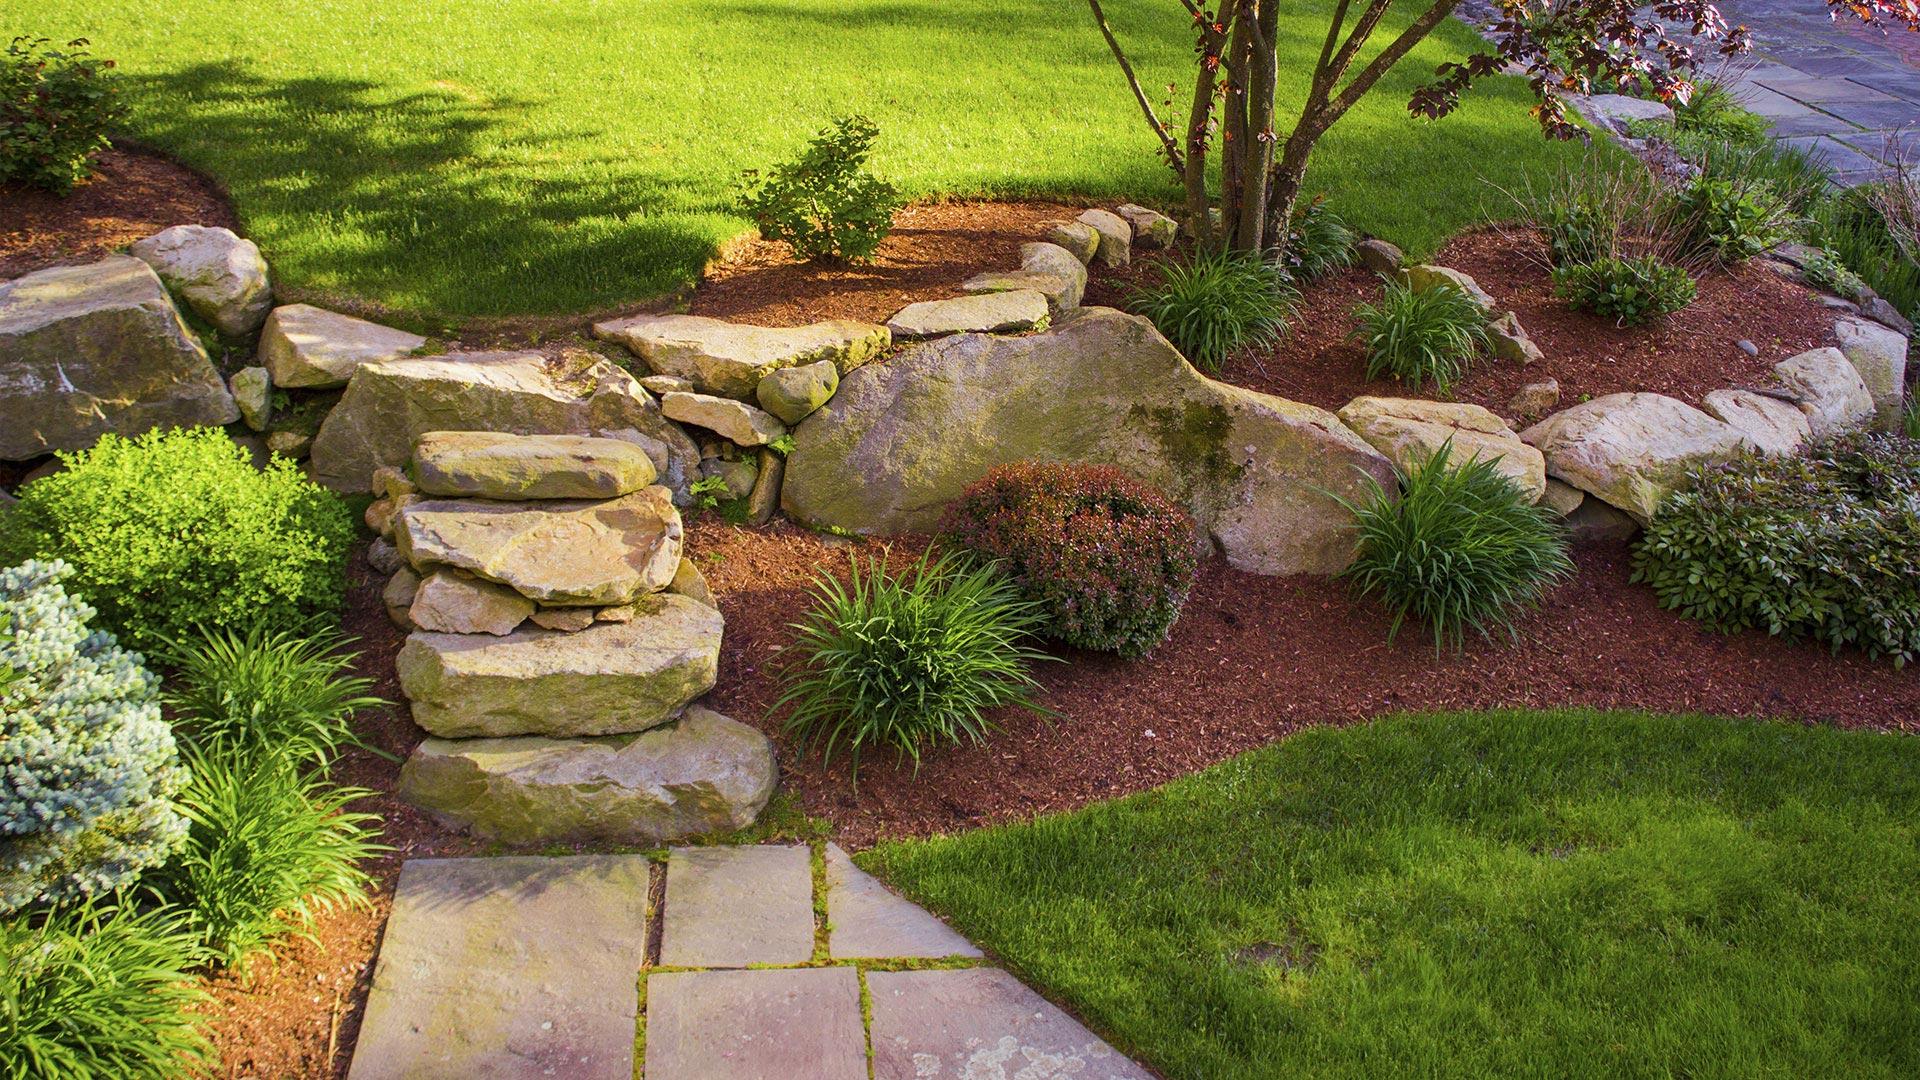 Eastside Landscaping And General Home Services Lawn Care Services, Gardening Services and Lawn Fertilization slide 3